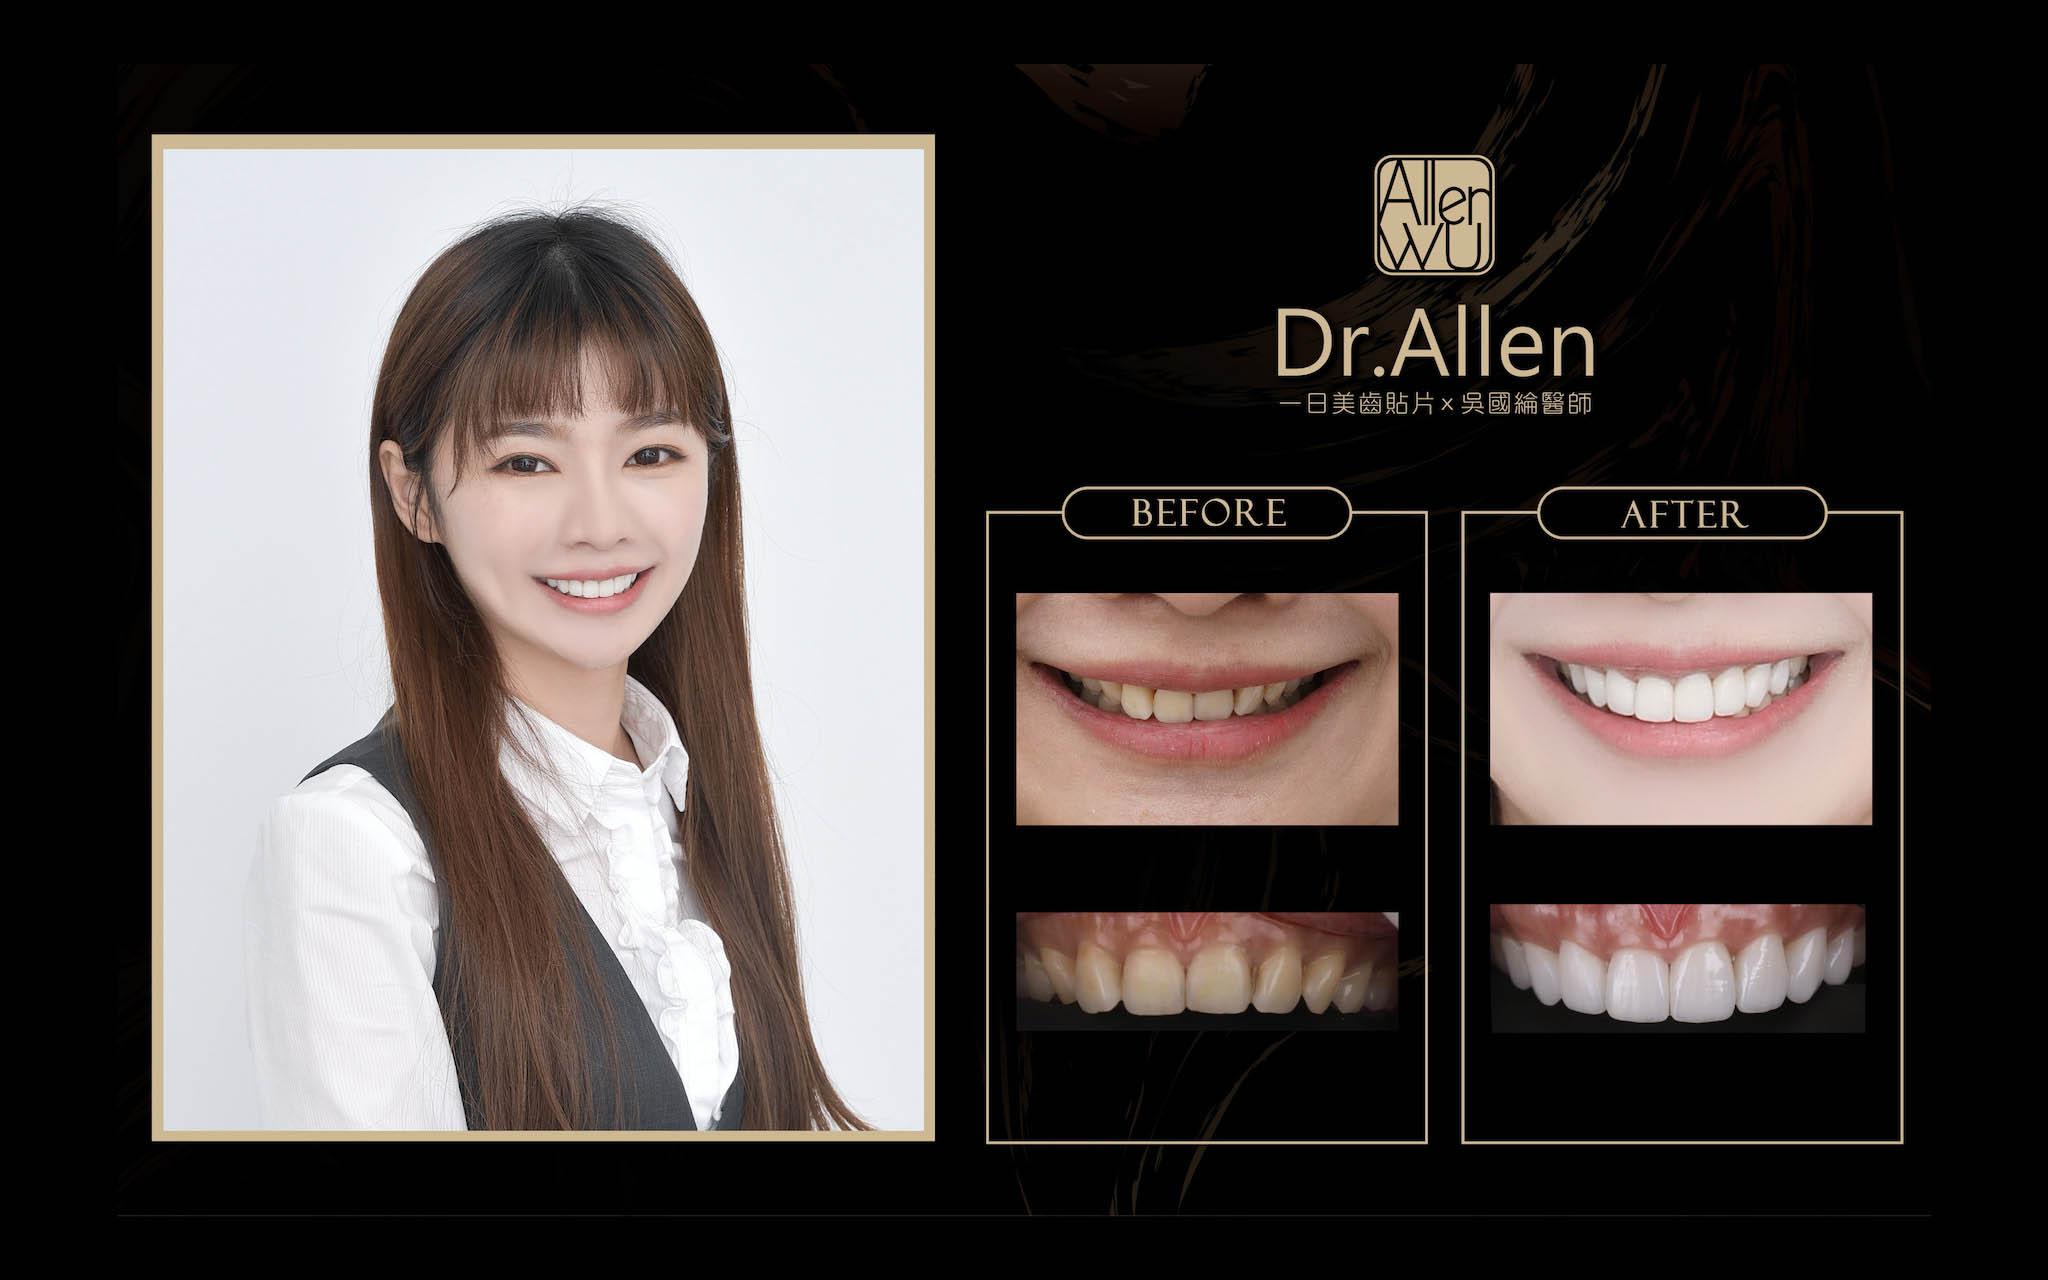 陶瓷貼片-微笑設計-台中陶瓷貼片推薦-吳國綸醫師